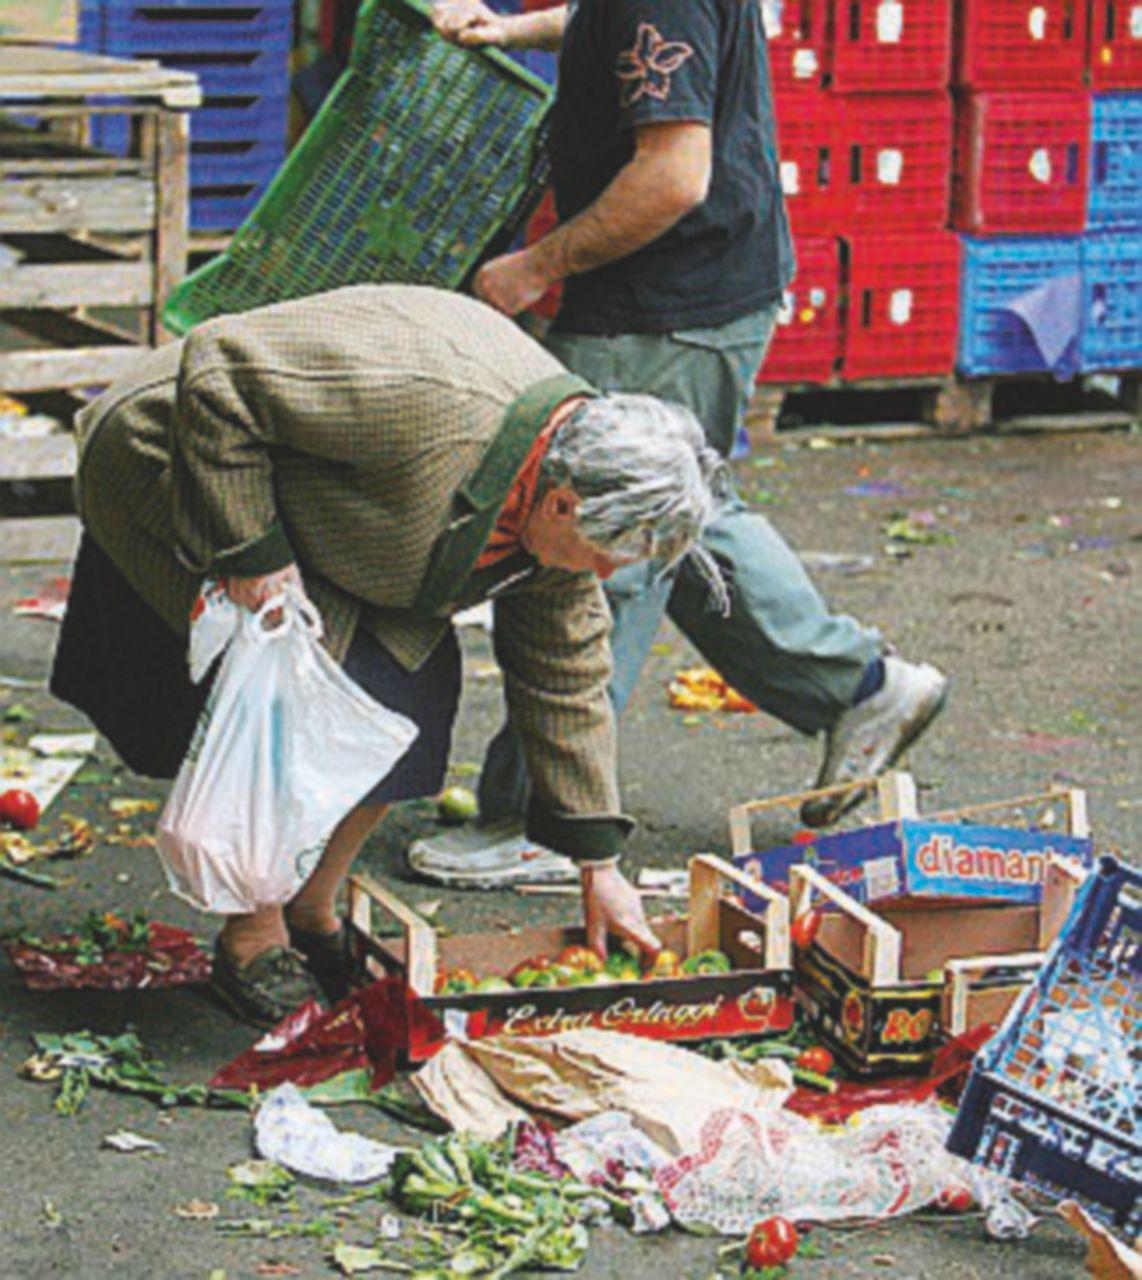 Quasi un italiano su tre a rischio povertà. Ma quest'anno l'Istat arriva dopo il voto